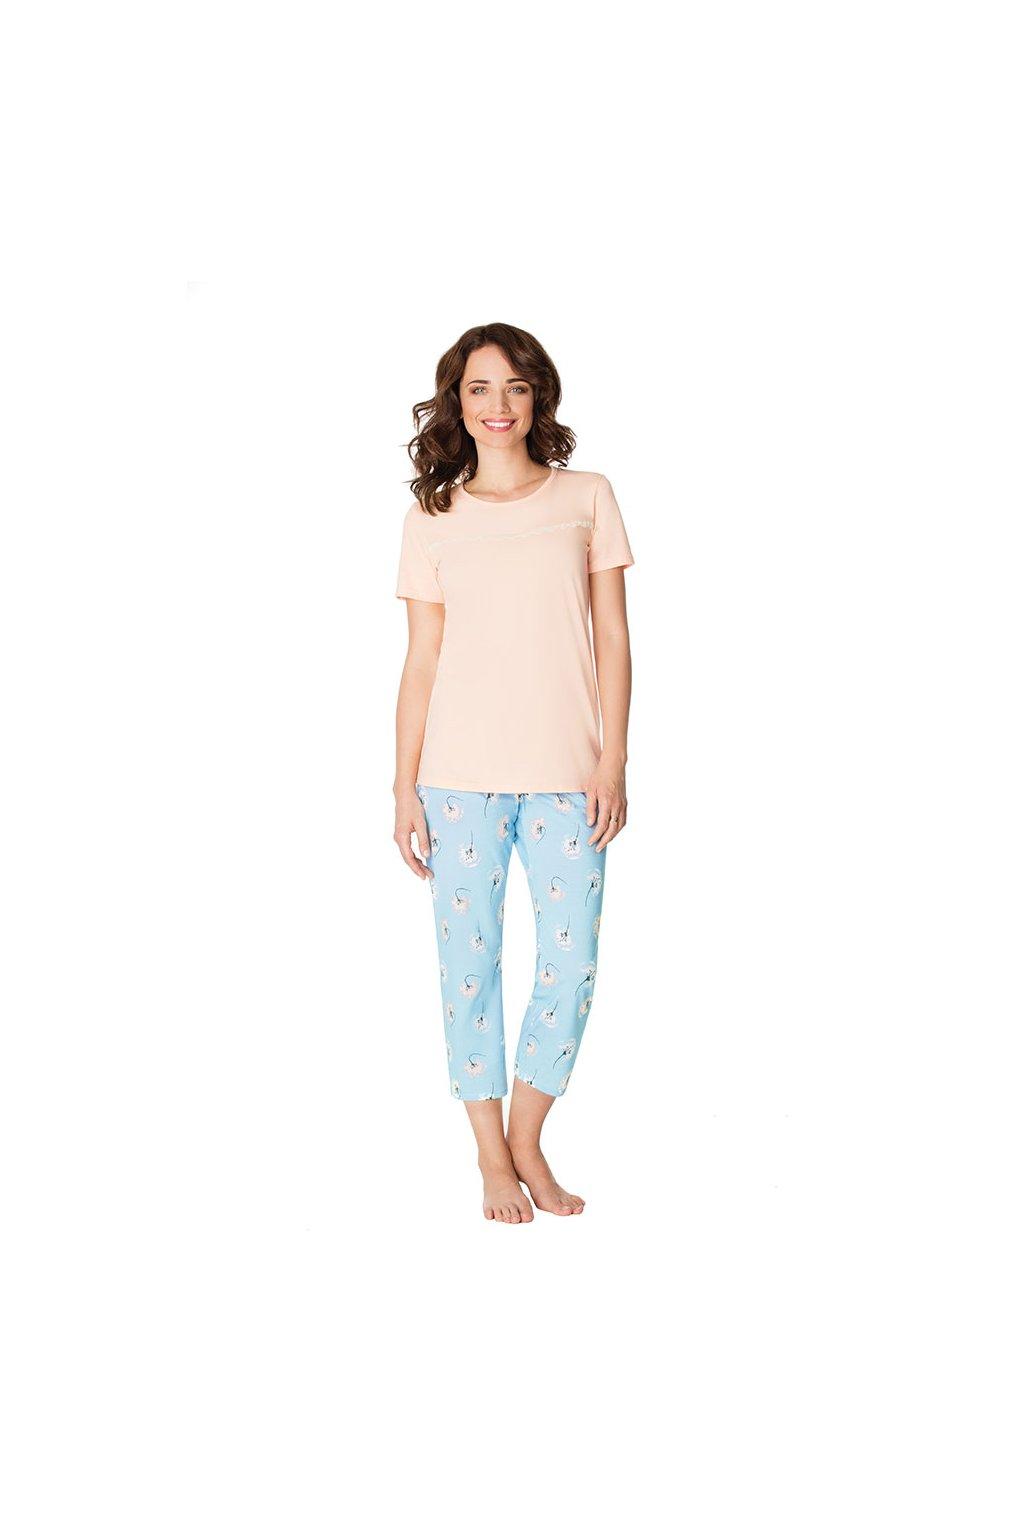 Dámské pyžamo s krátkým rukávem a 3/4 nohavicemi, 104445 920, meruňková